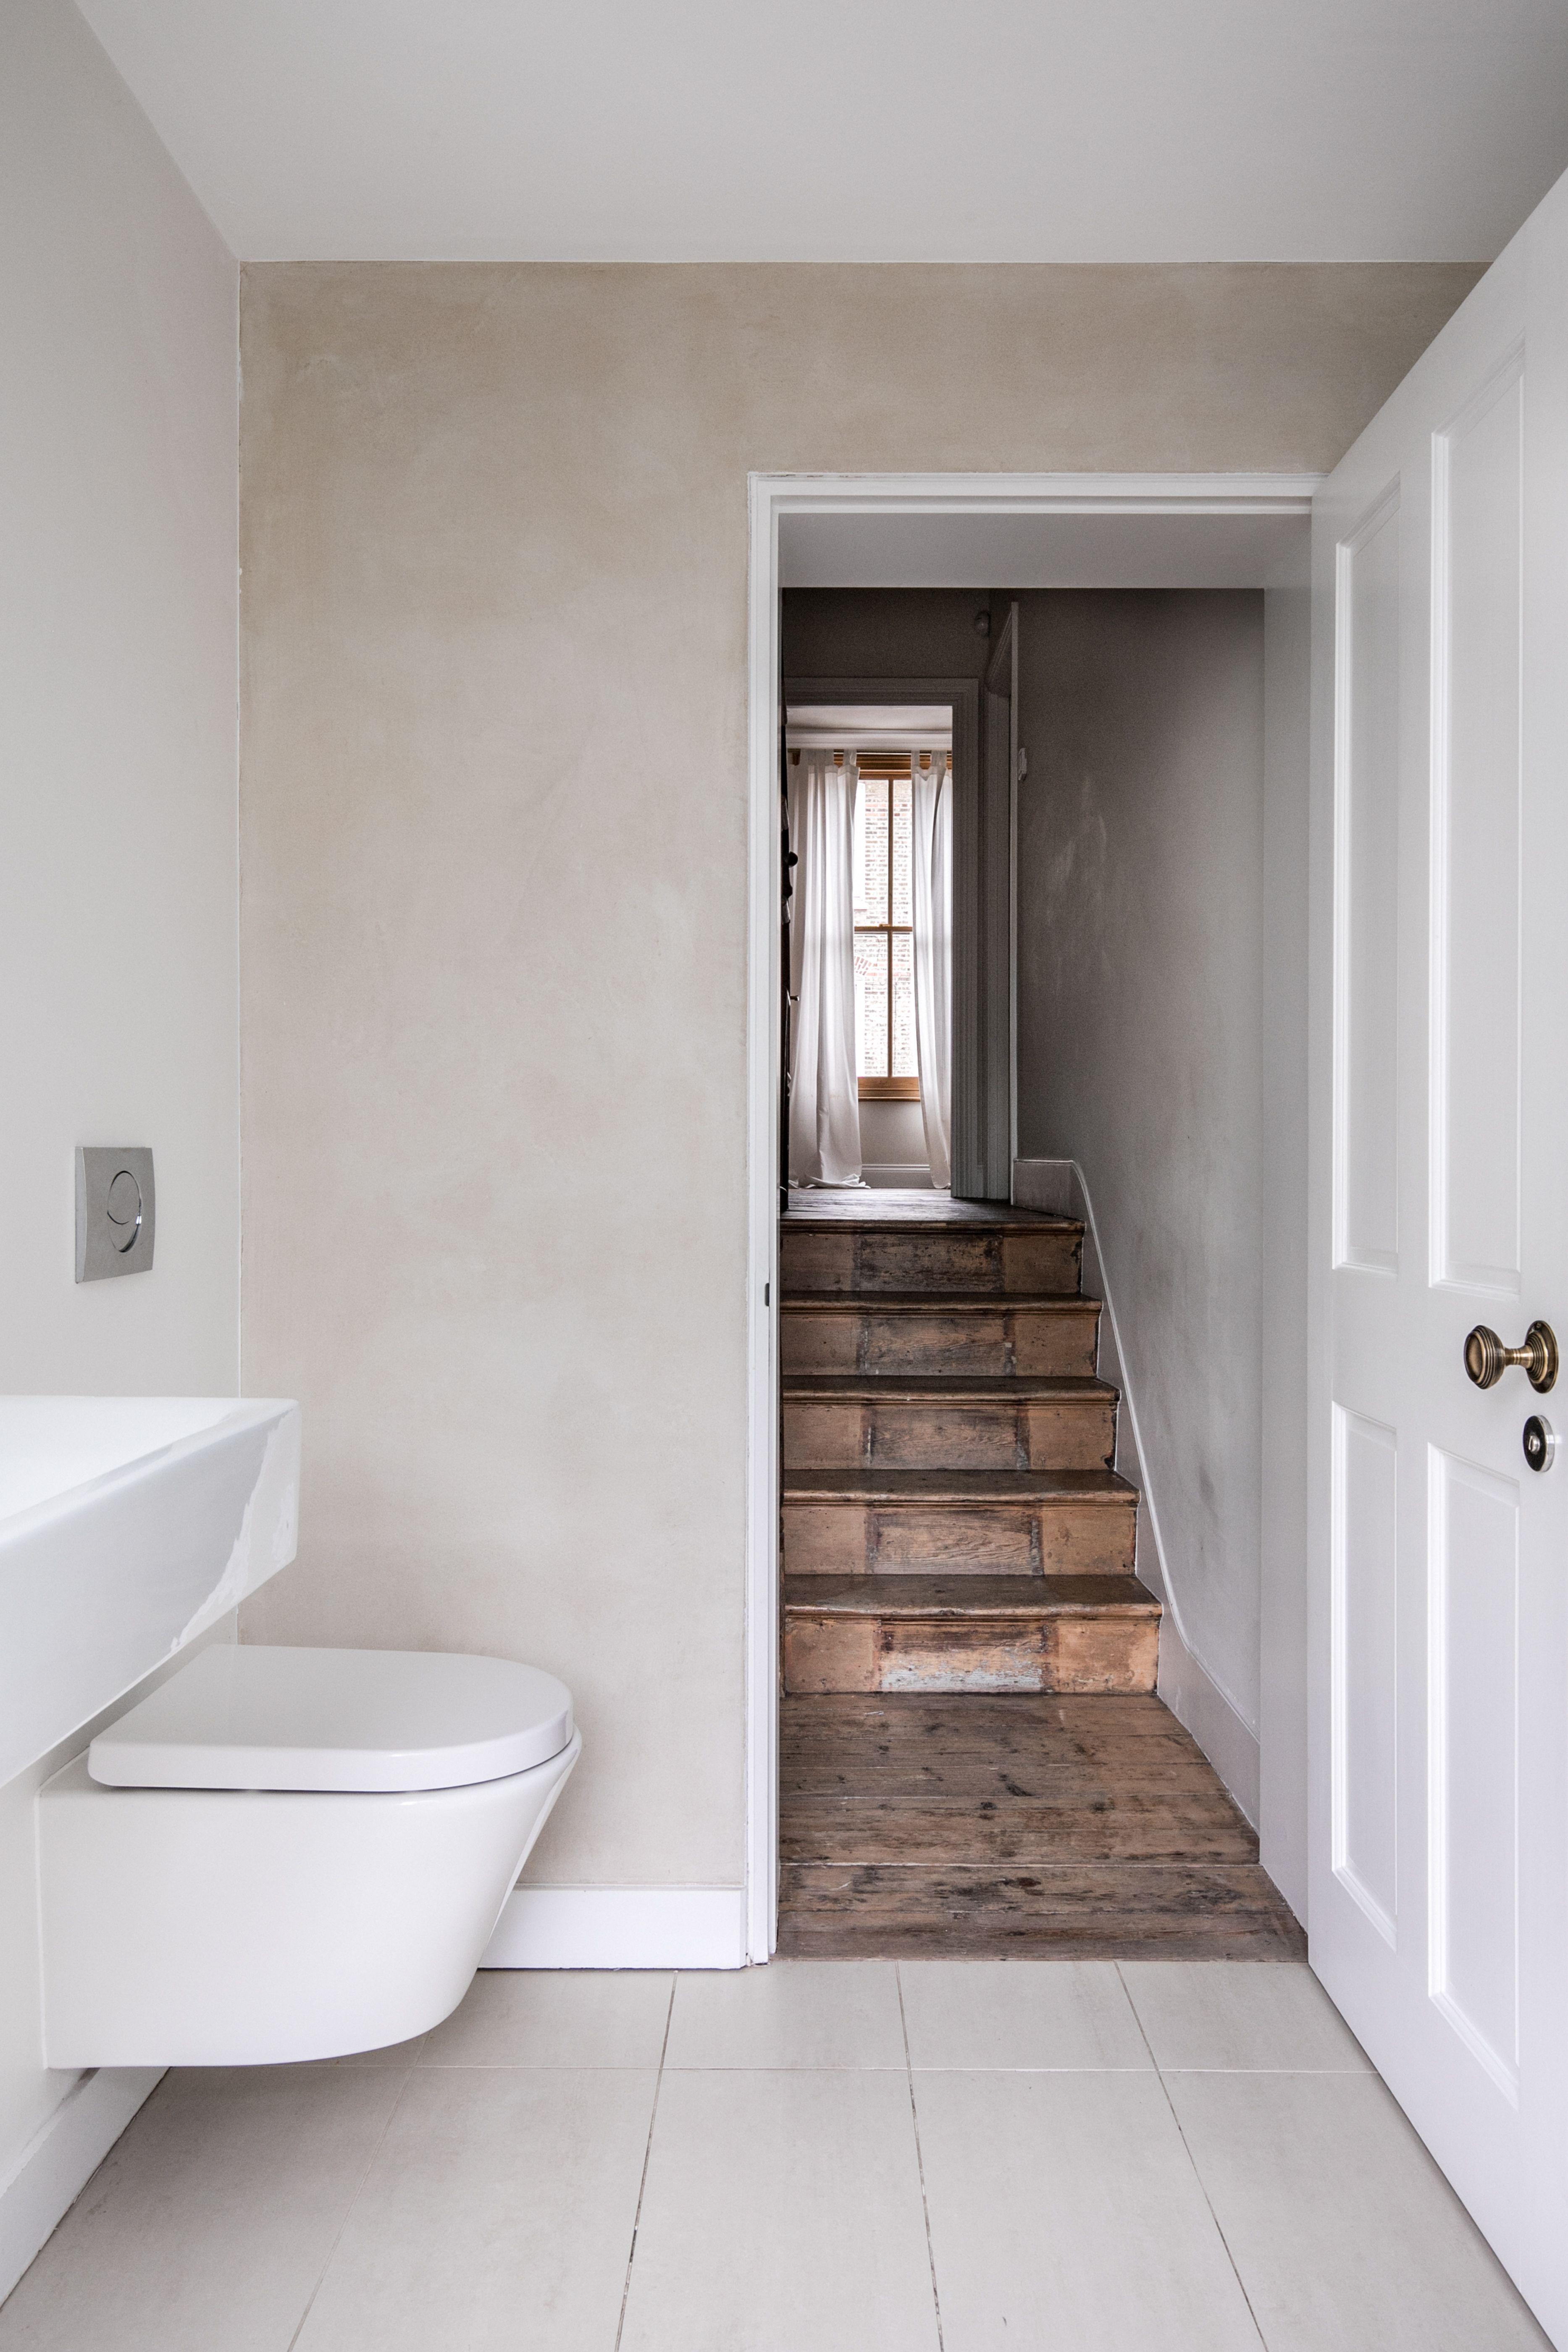 Clay Panel Heated House House Dream Bathrooms Small Space Bathroom